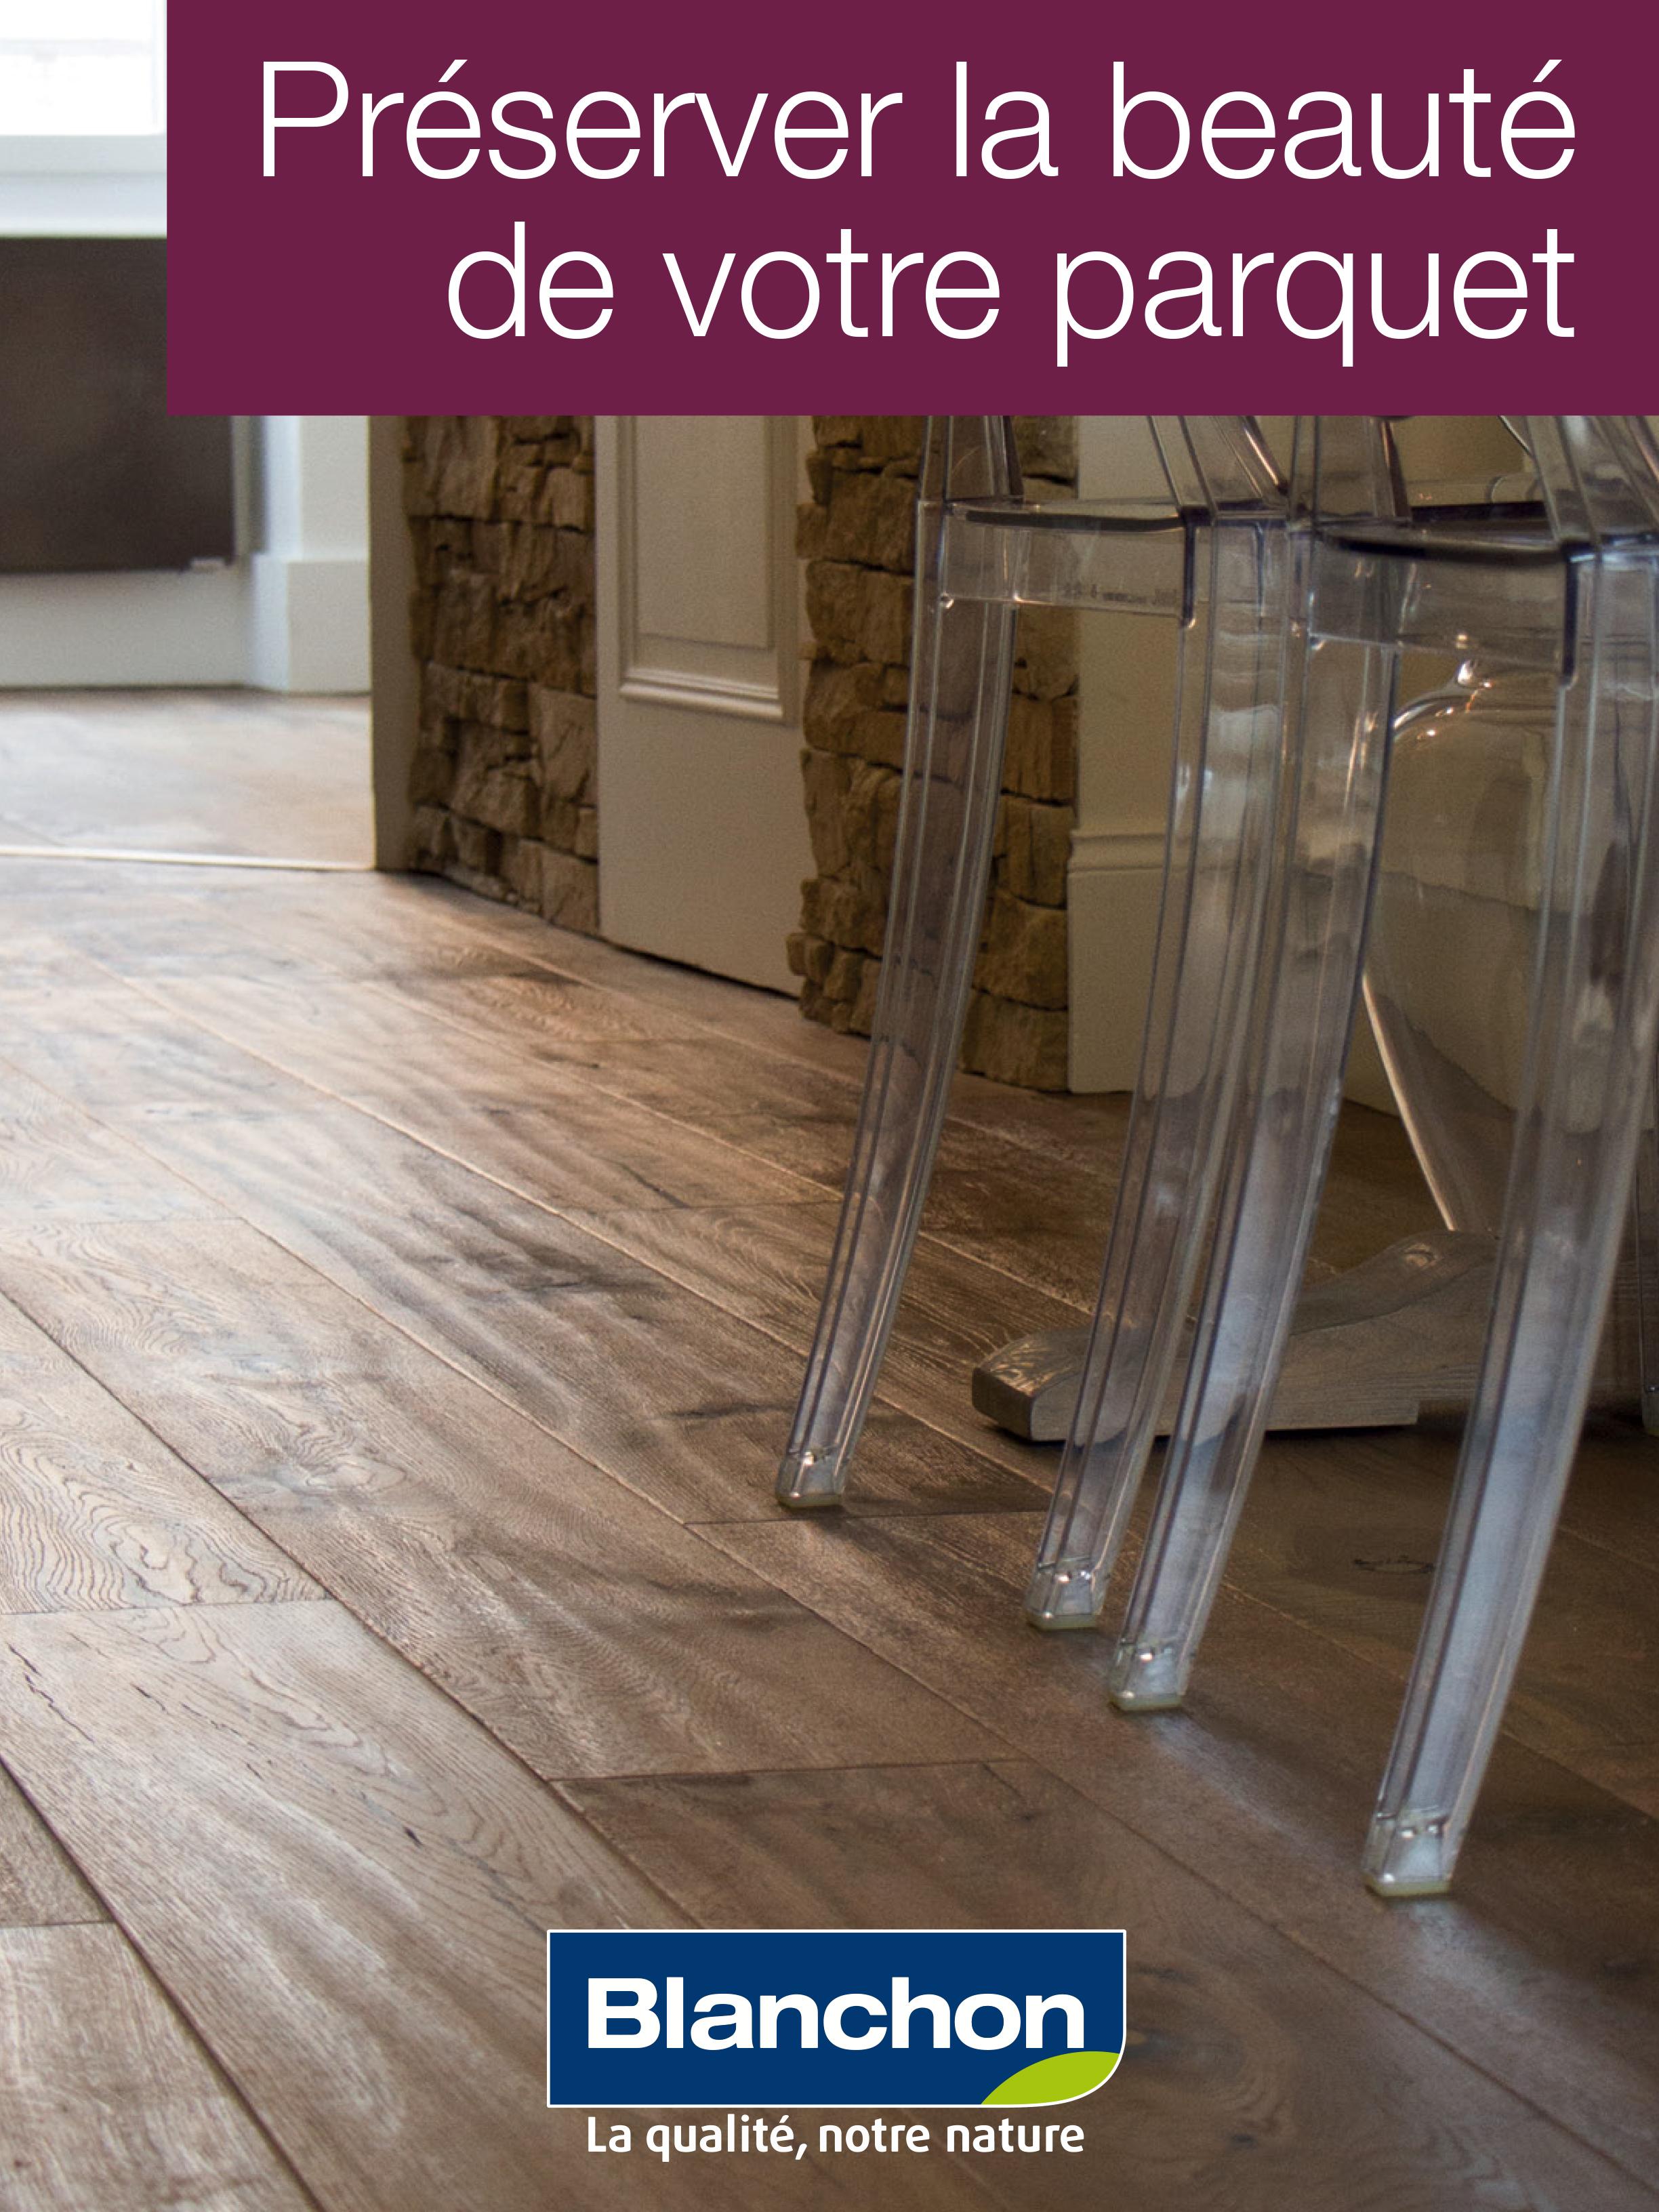 catalogue produit blanchon le parqueteur saint-quentin